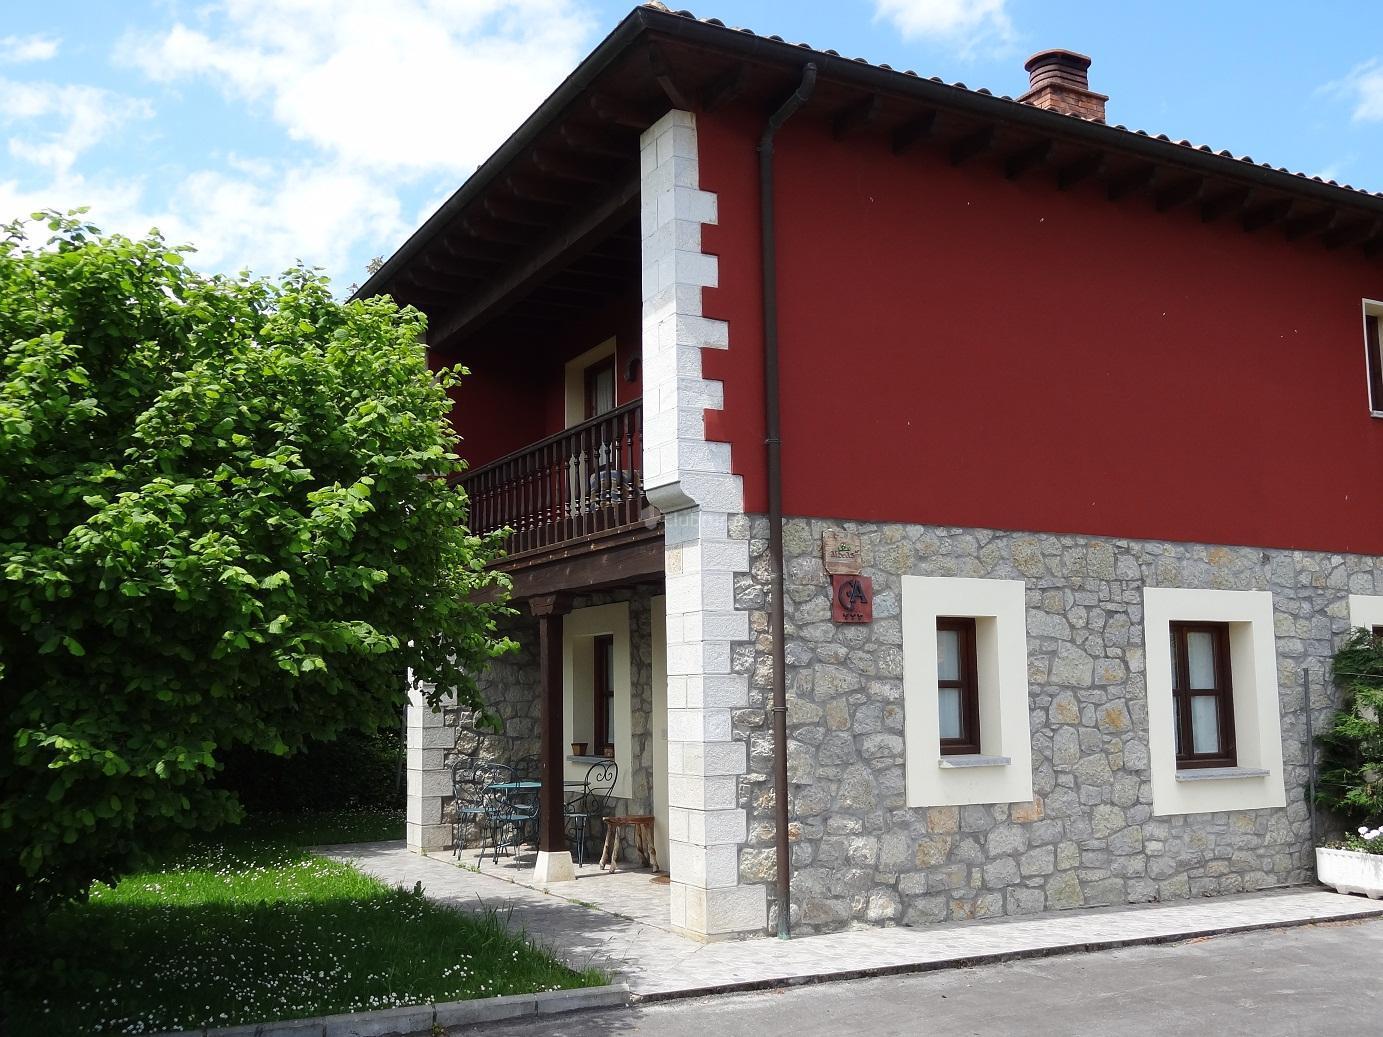 Fotos de ribadesella rural asturias ribadesella - Fotorural asturias ...